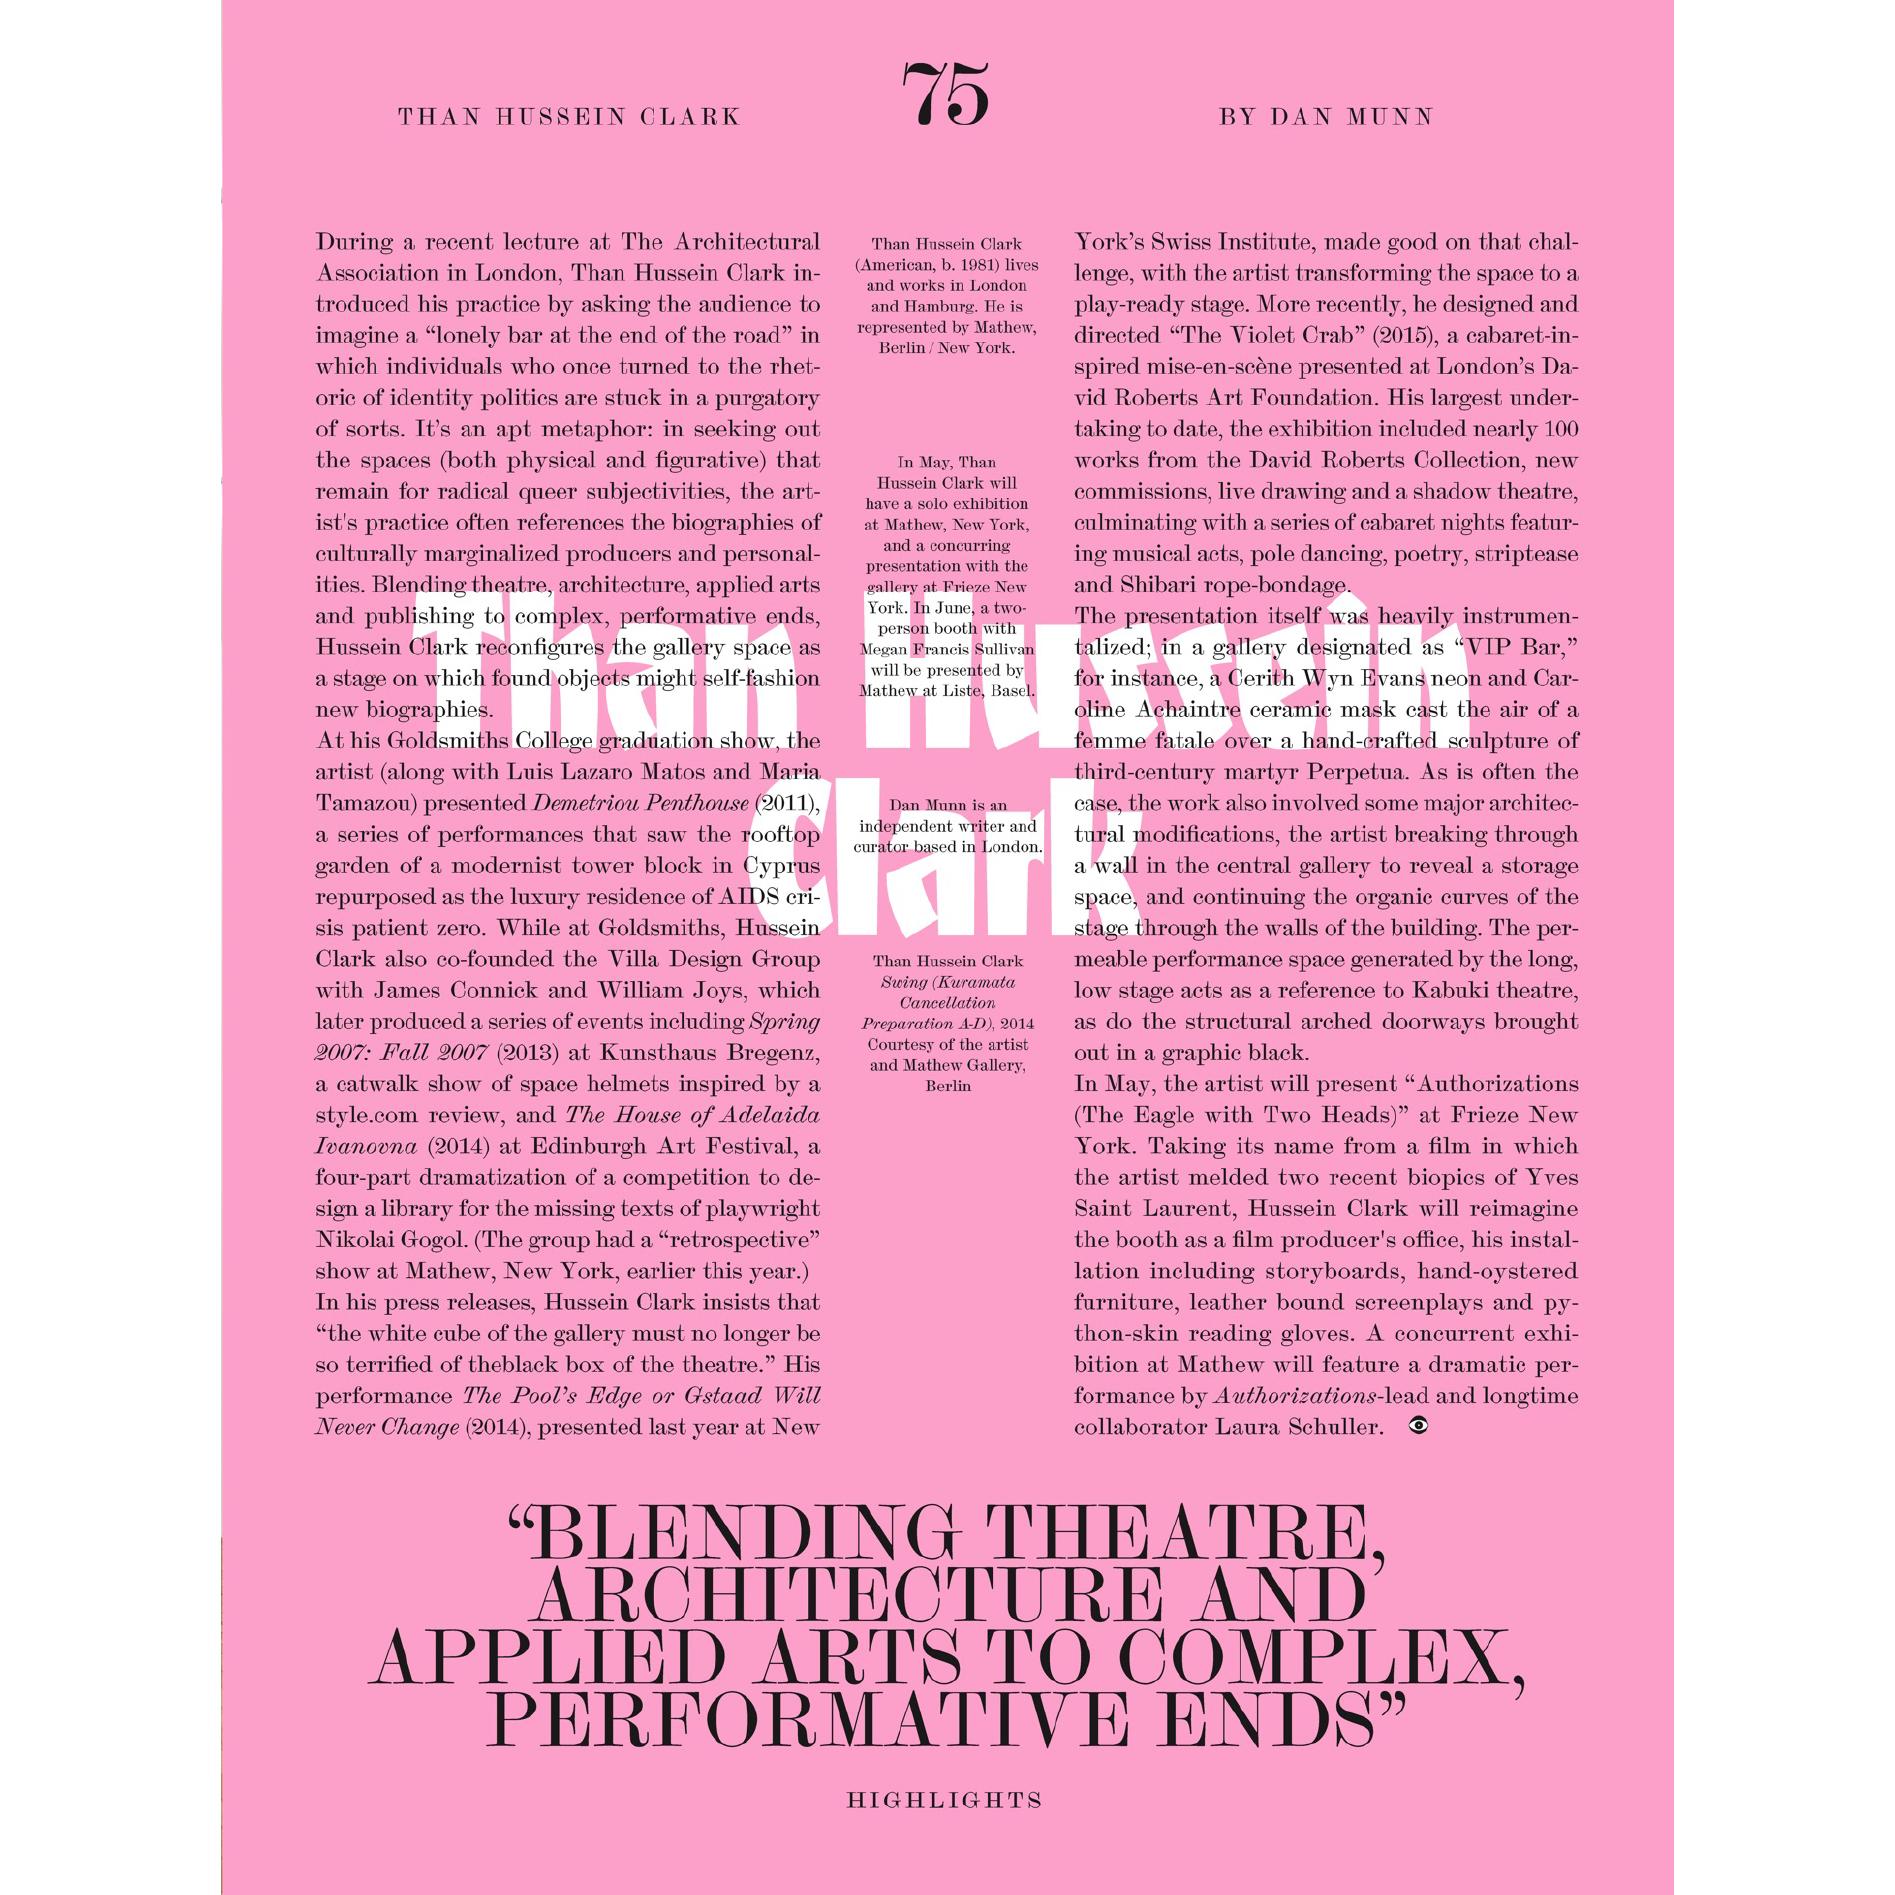 Than Hussein ClarkKaleidoscope - ARTIST PROFILE